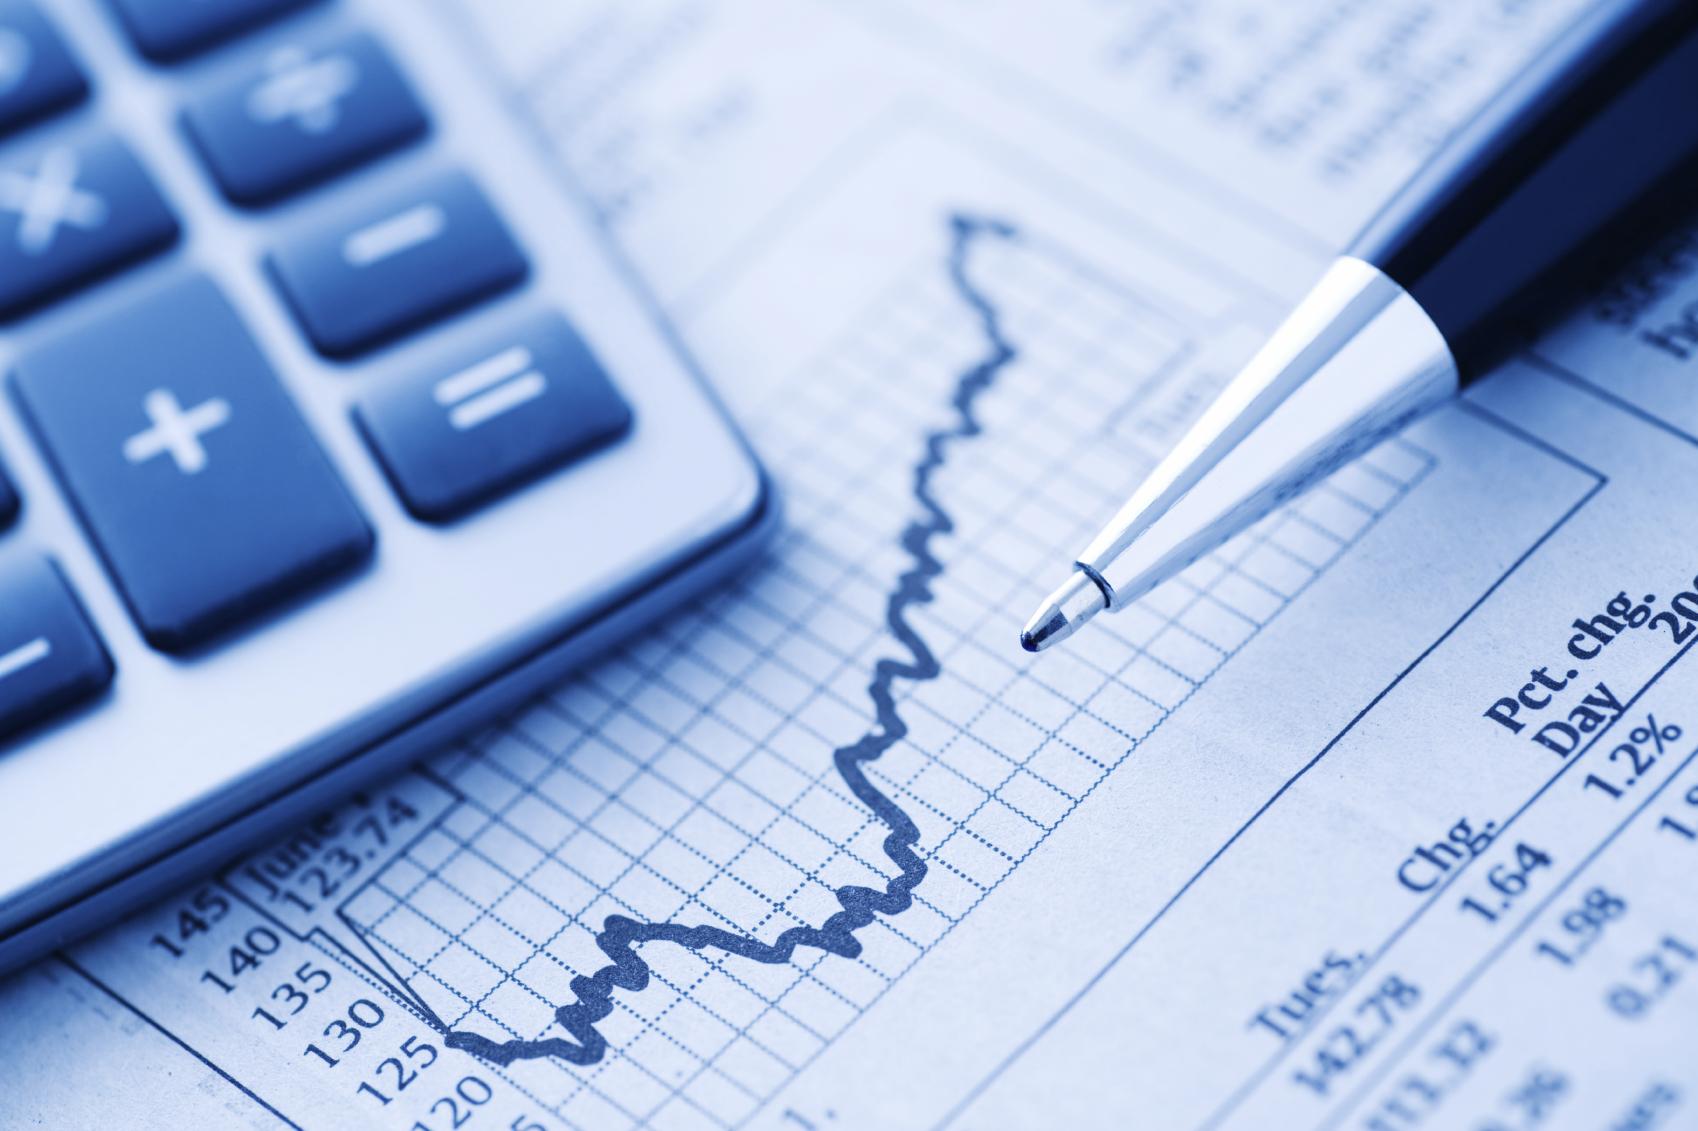 Como a TTG pode ajudar a sua empresa a reduzir custo com impressão?